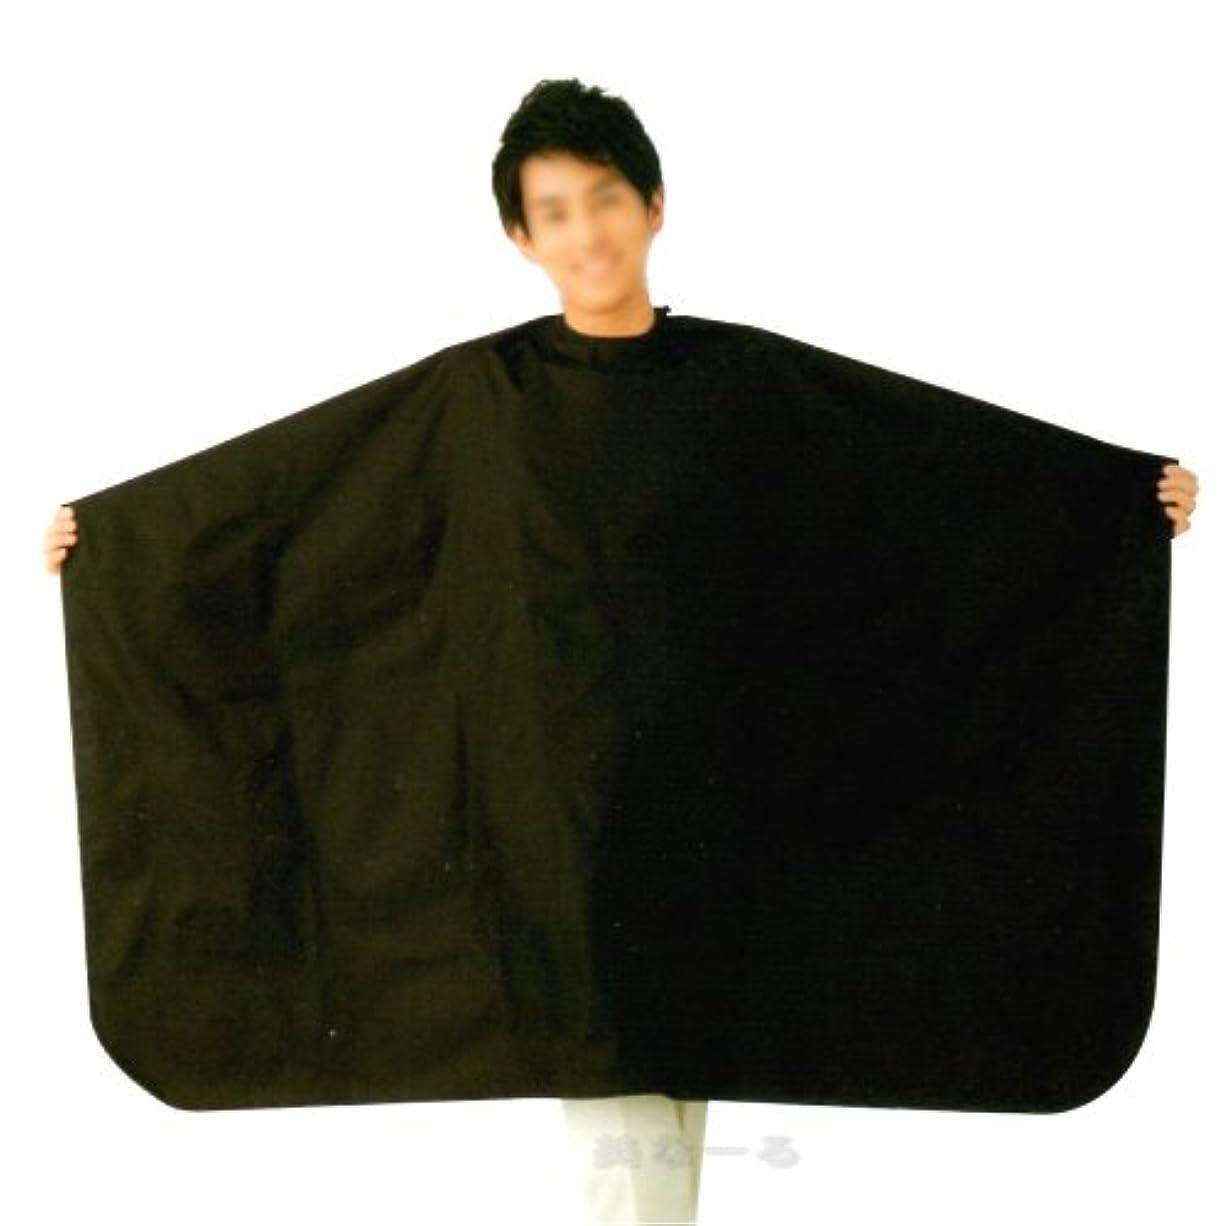 性別メルボルンカレンダーヘアダイクロス ヘアカラー用ケープ 袖なし 業務用 エルコ